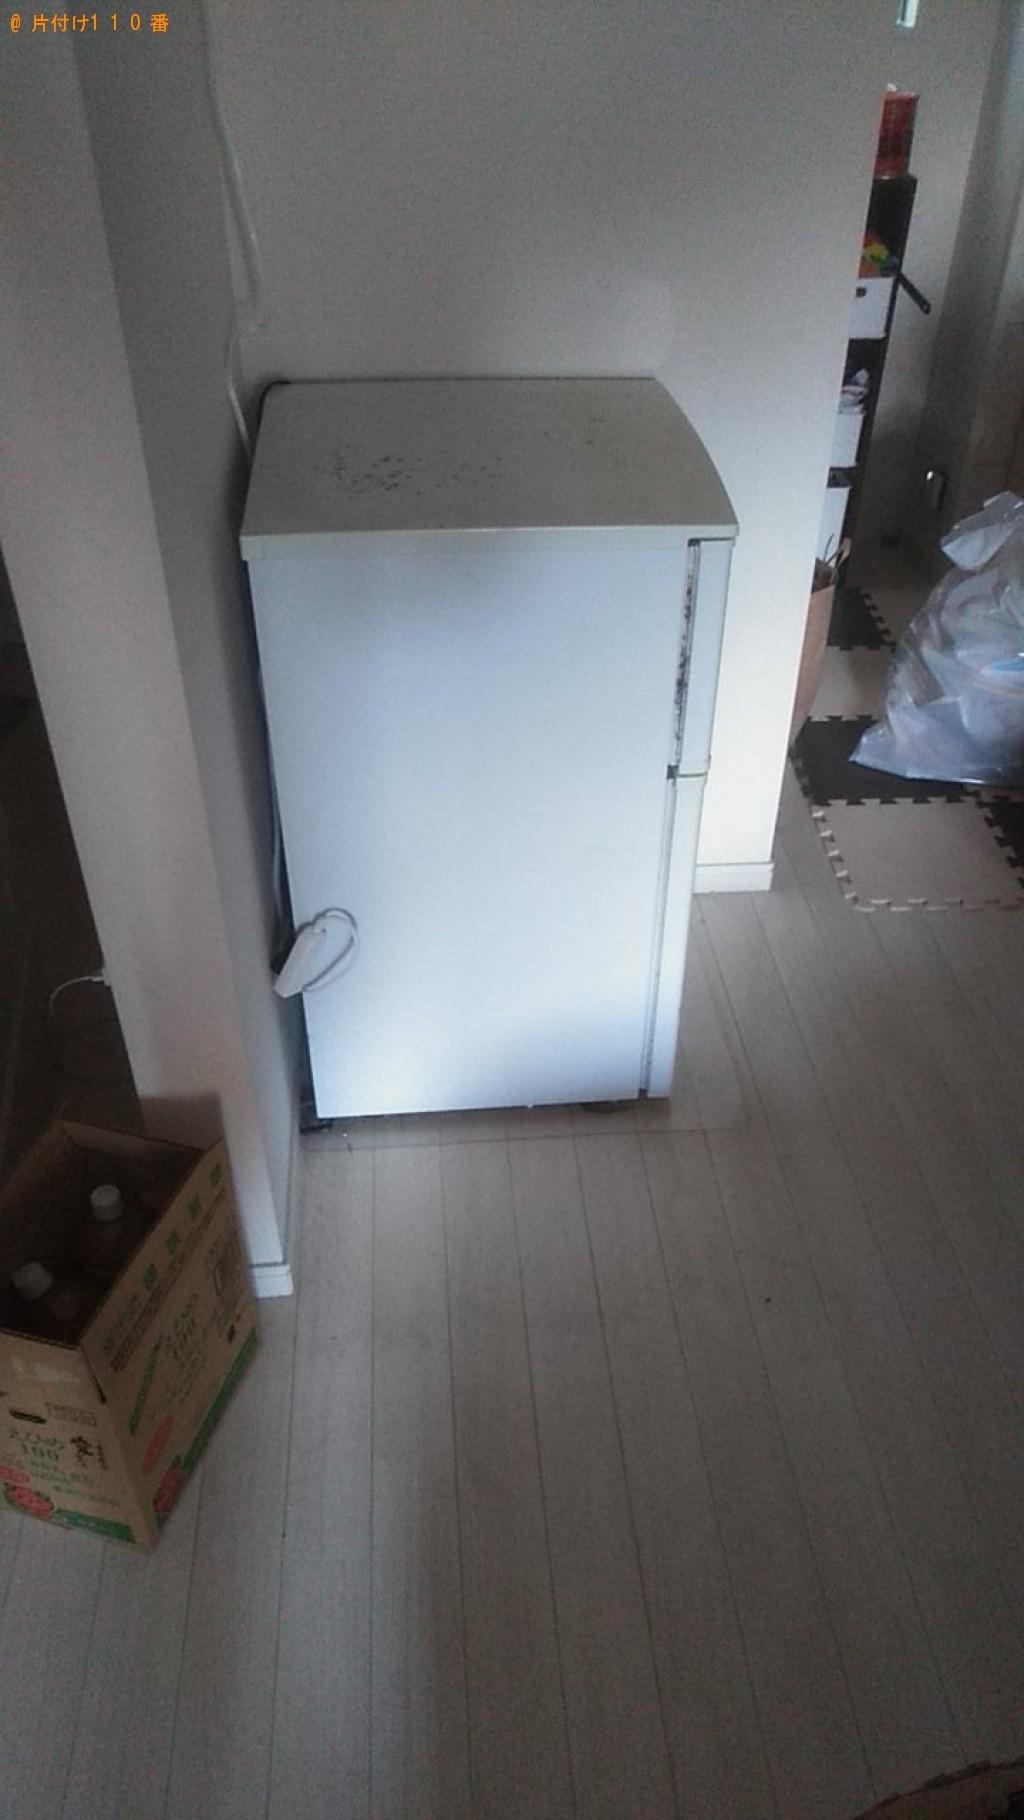 【松山市山西町】ベッド、冷蔵庫の処分ご依頼 お客様の声